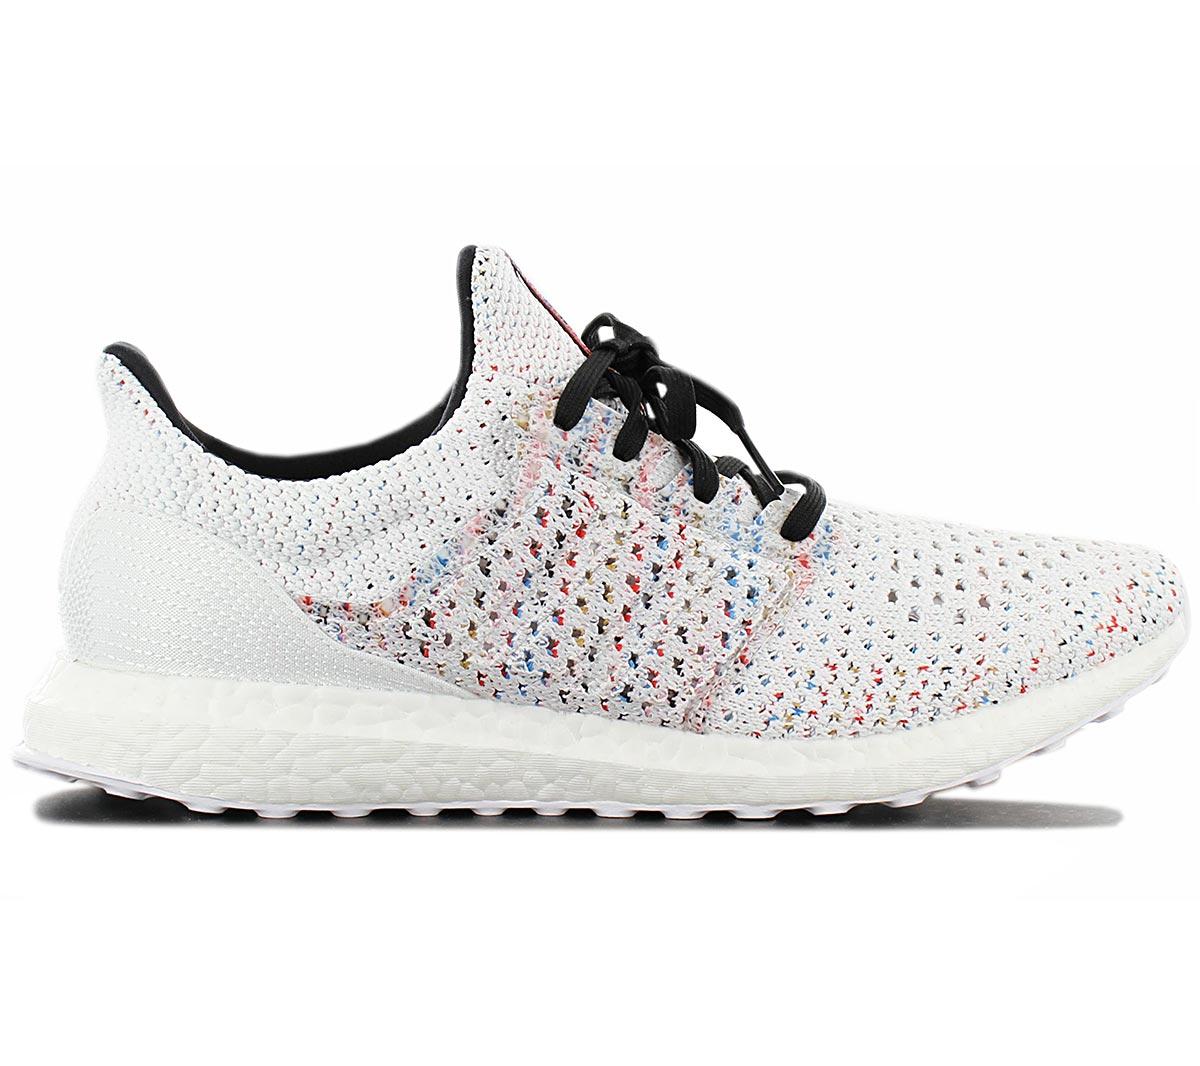 adidas Ultra Boost Clima x MISSONI Herren Sneaker D97744 Turnschuhe Limitiert